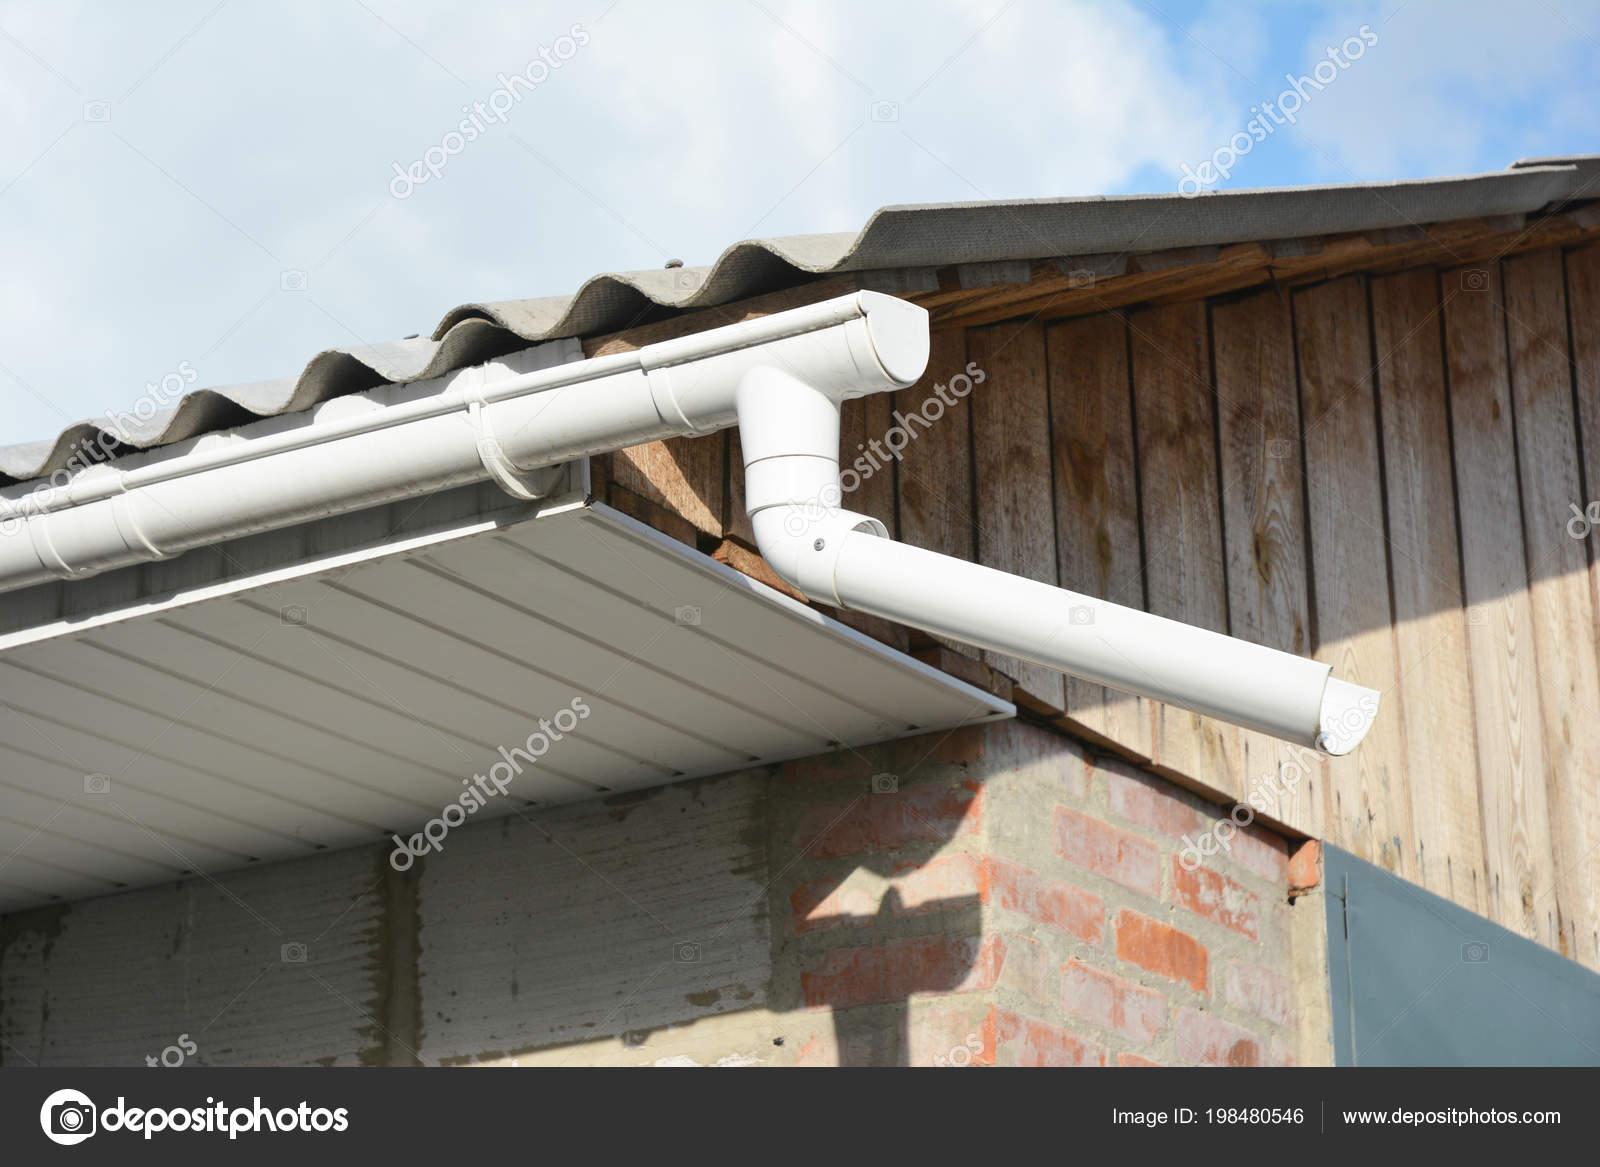 kunststoff dachrinne installieren mit faszien altbau — stockfoto